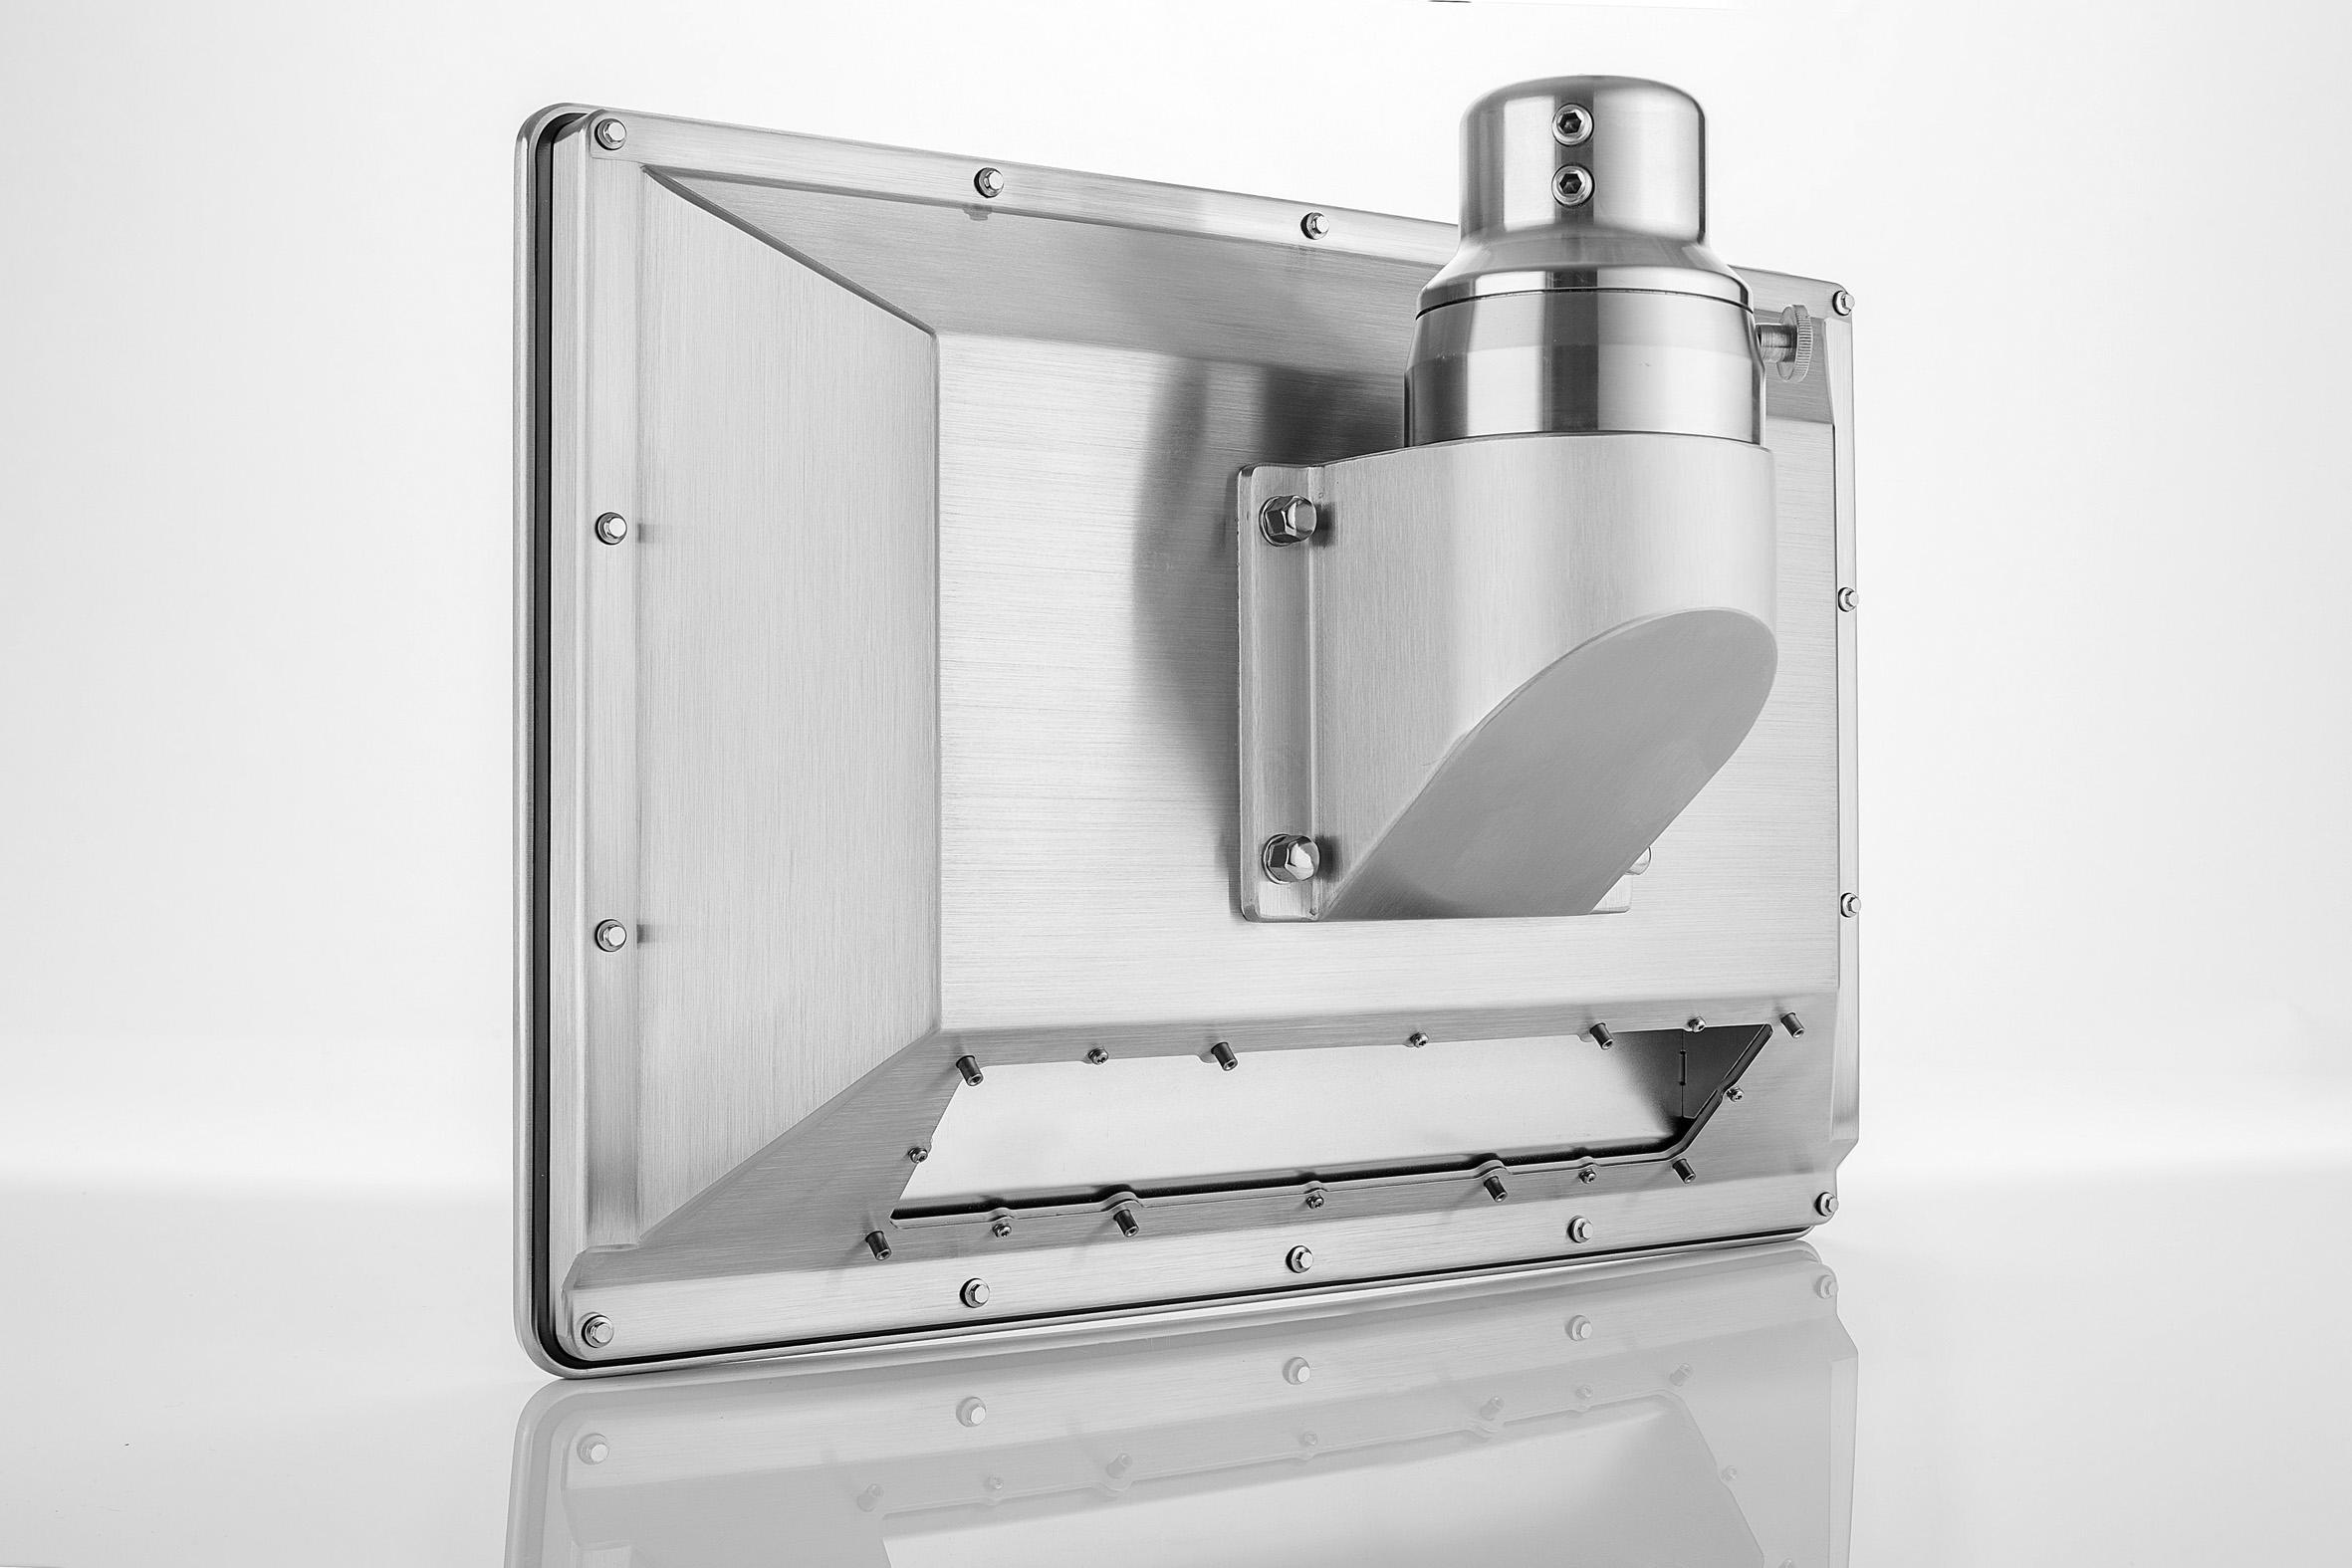 noax Industrie-PCs mit Tragarmsystem